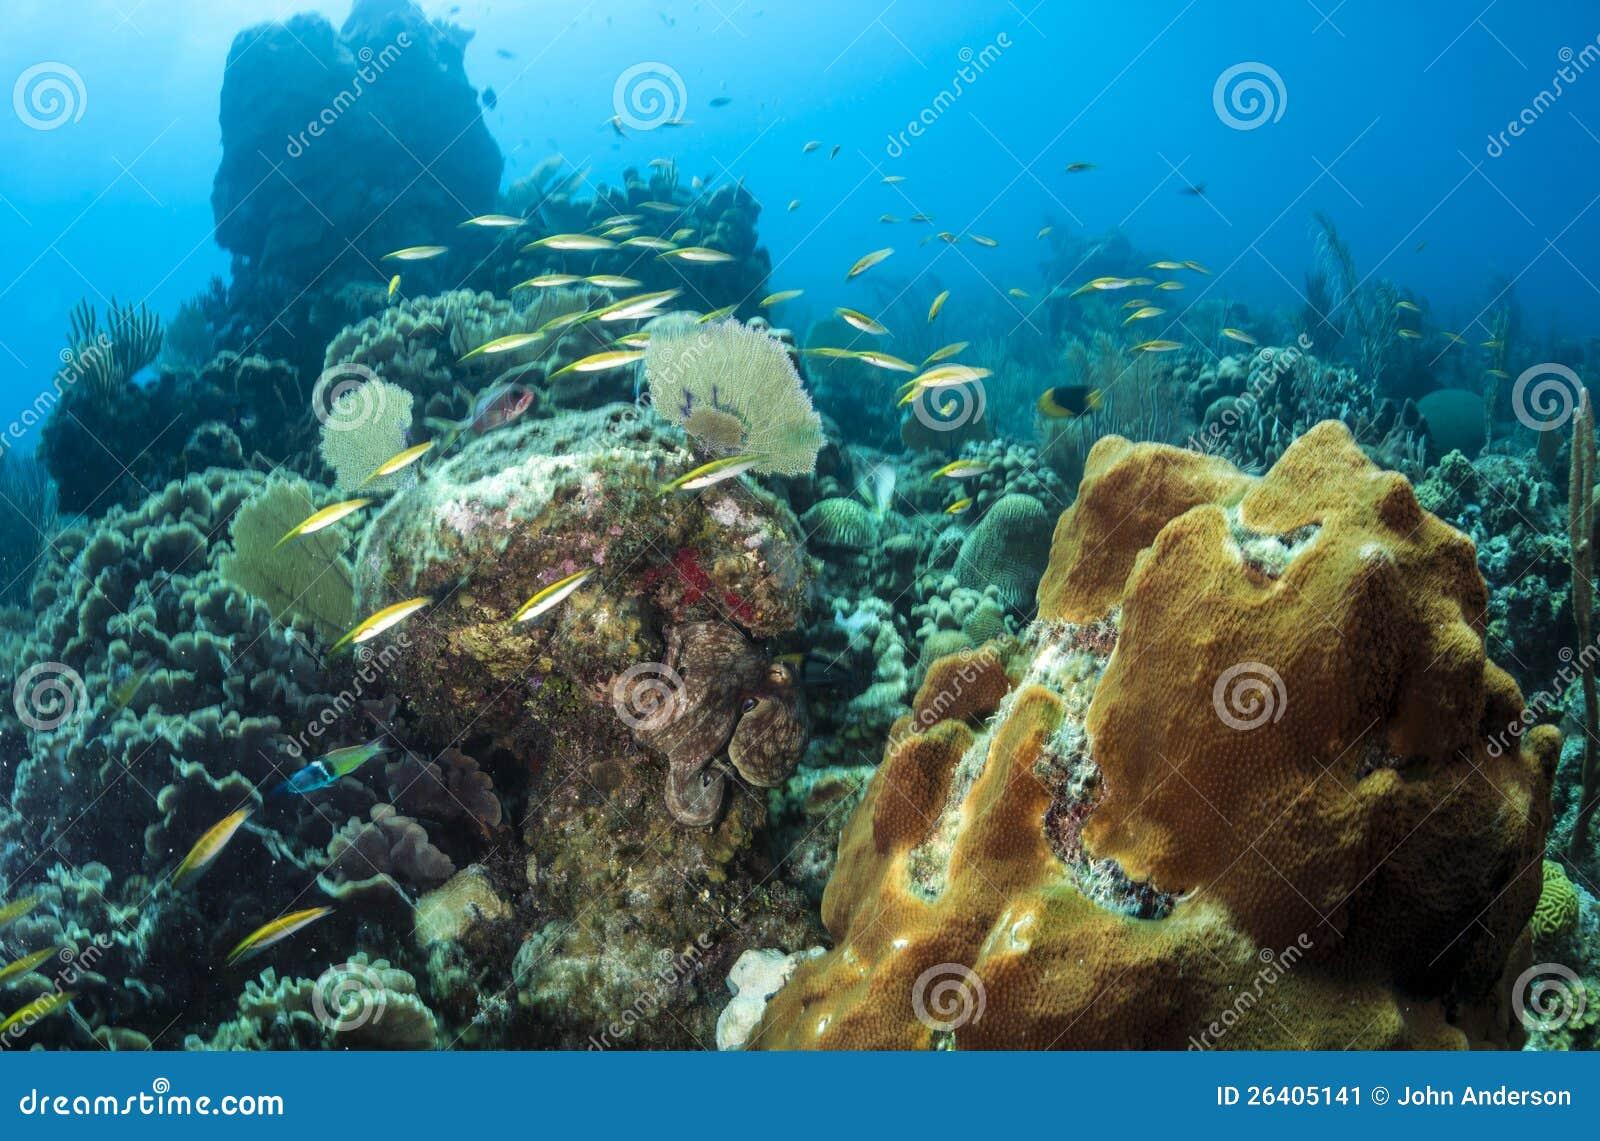 Восьминог кораллового рифа